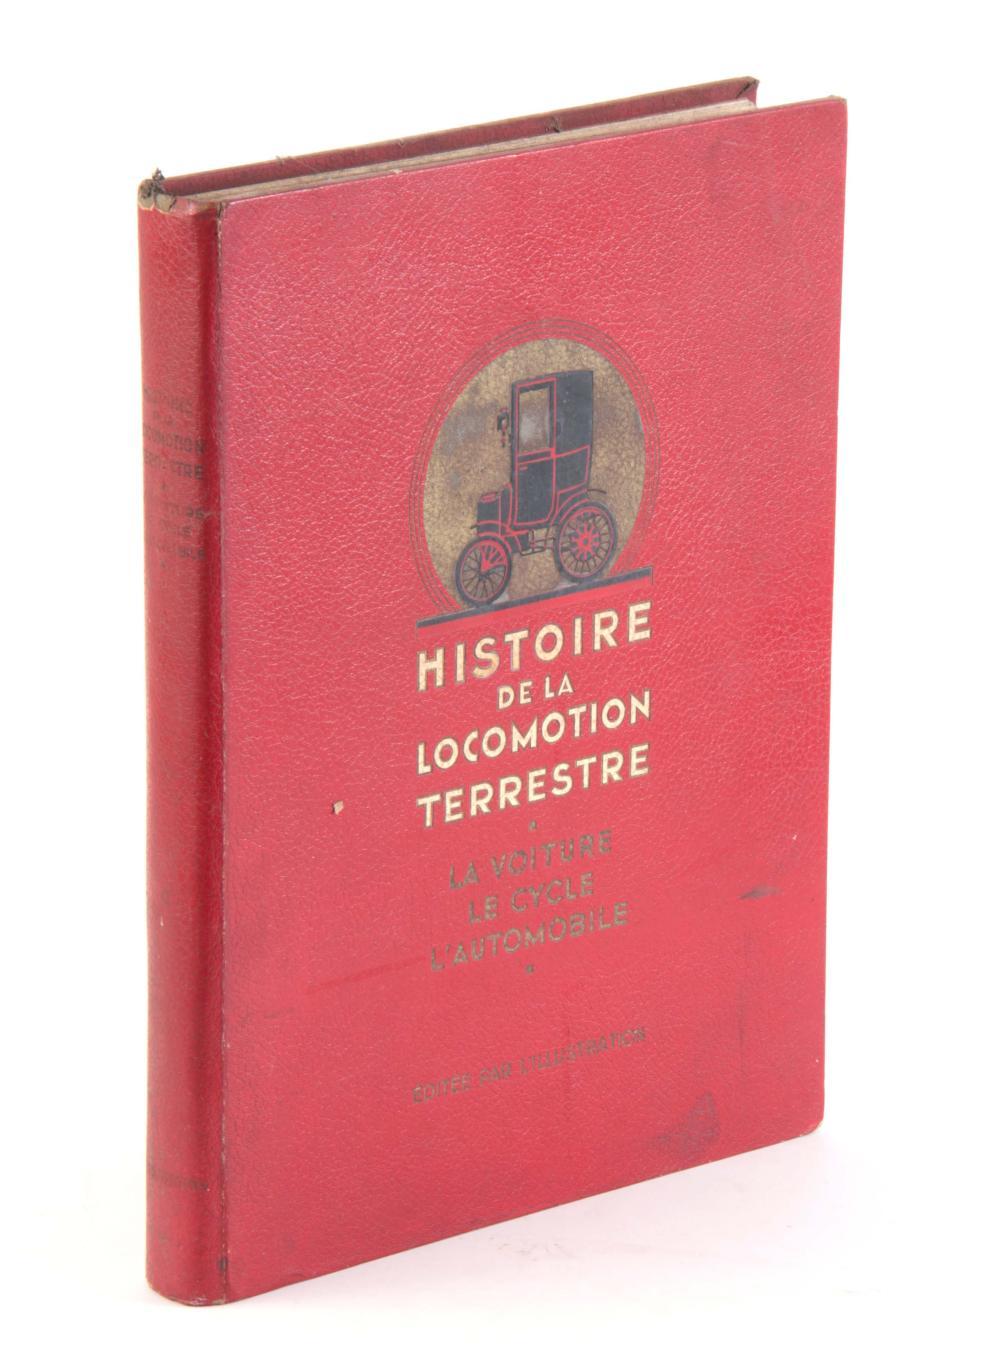 HISTOIRE DE LA LOCOMOTION TERRESTRE by Baudry De S